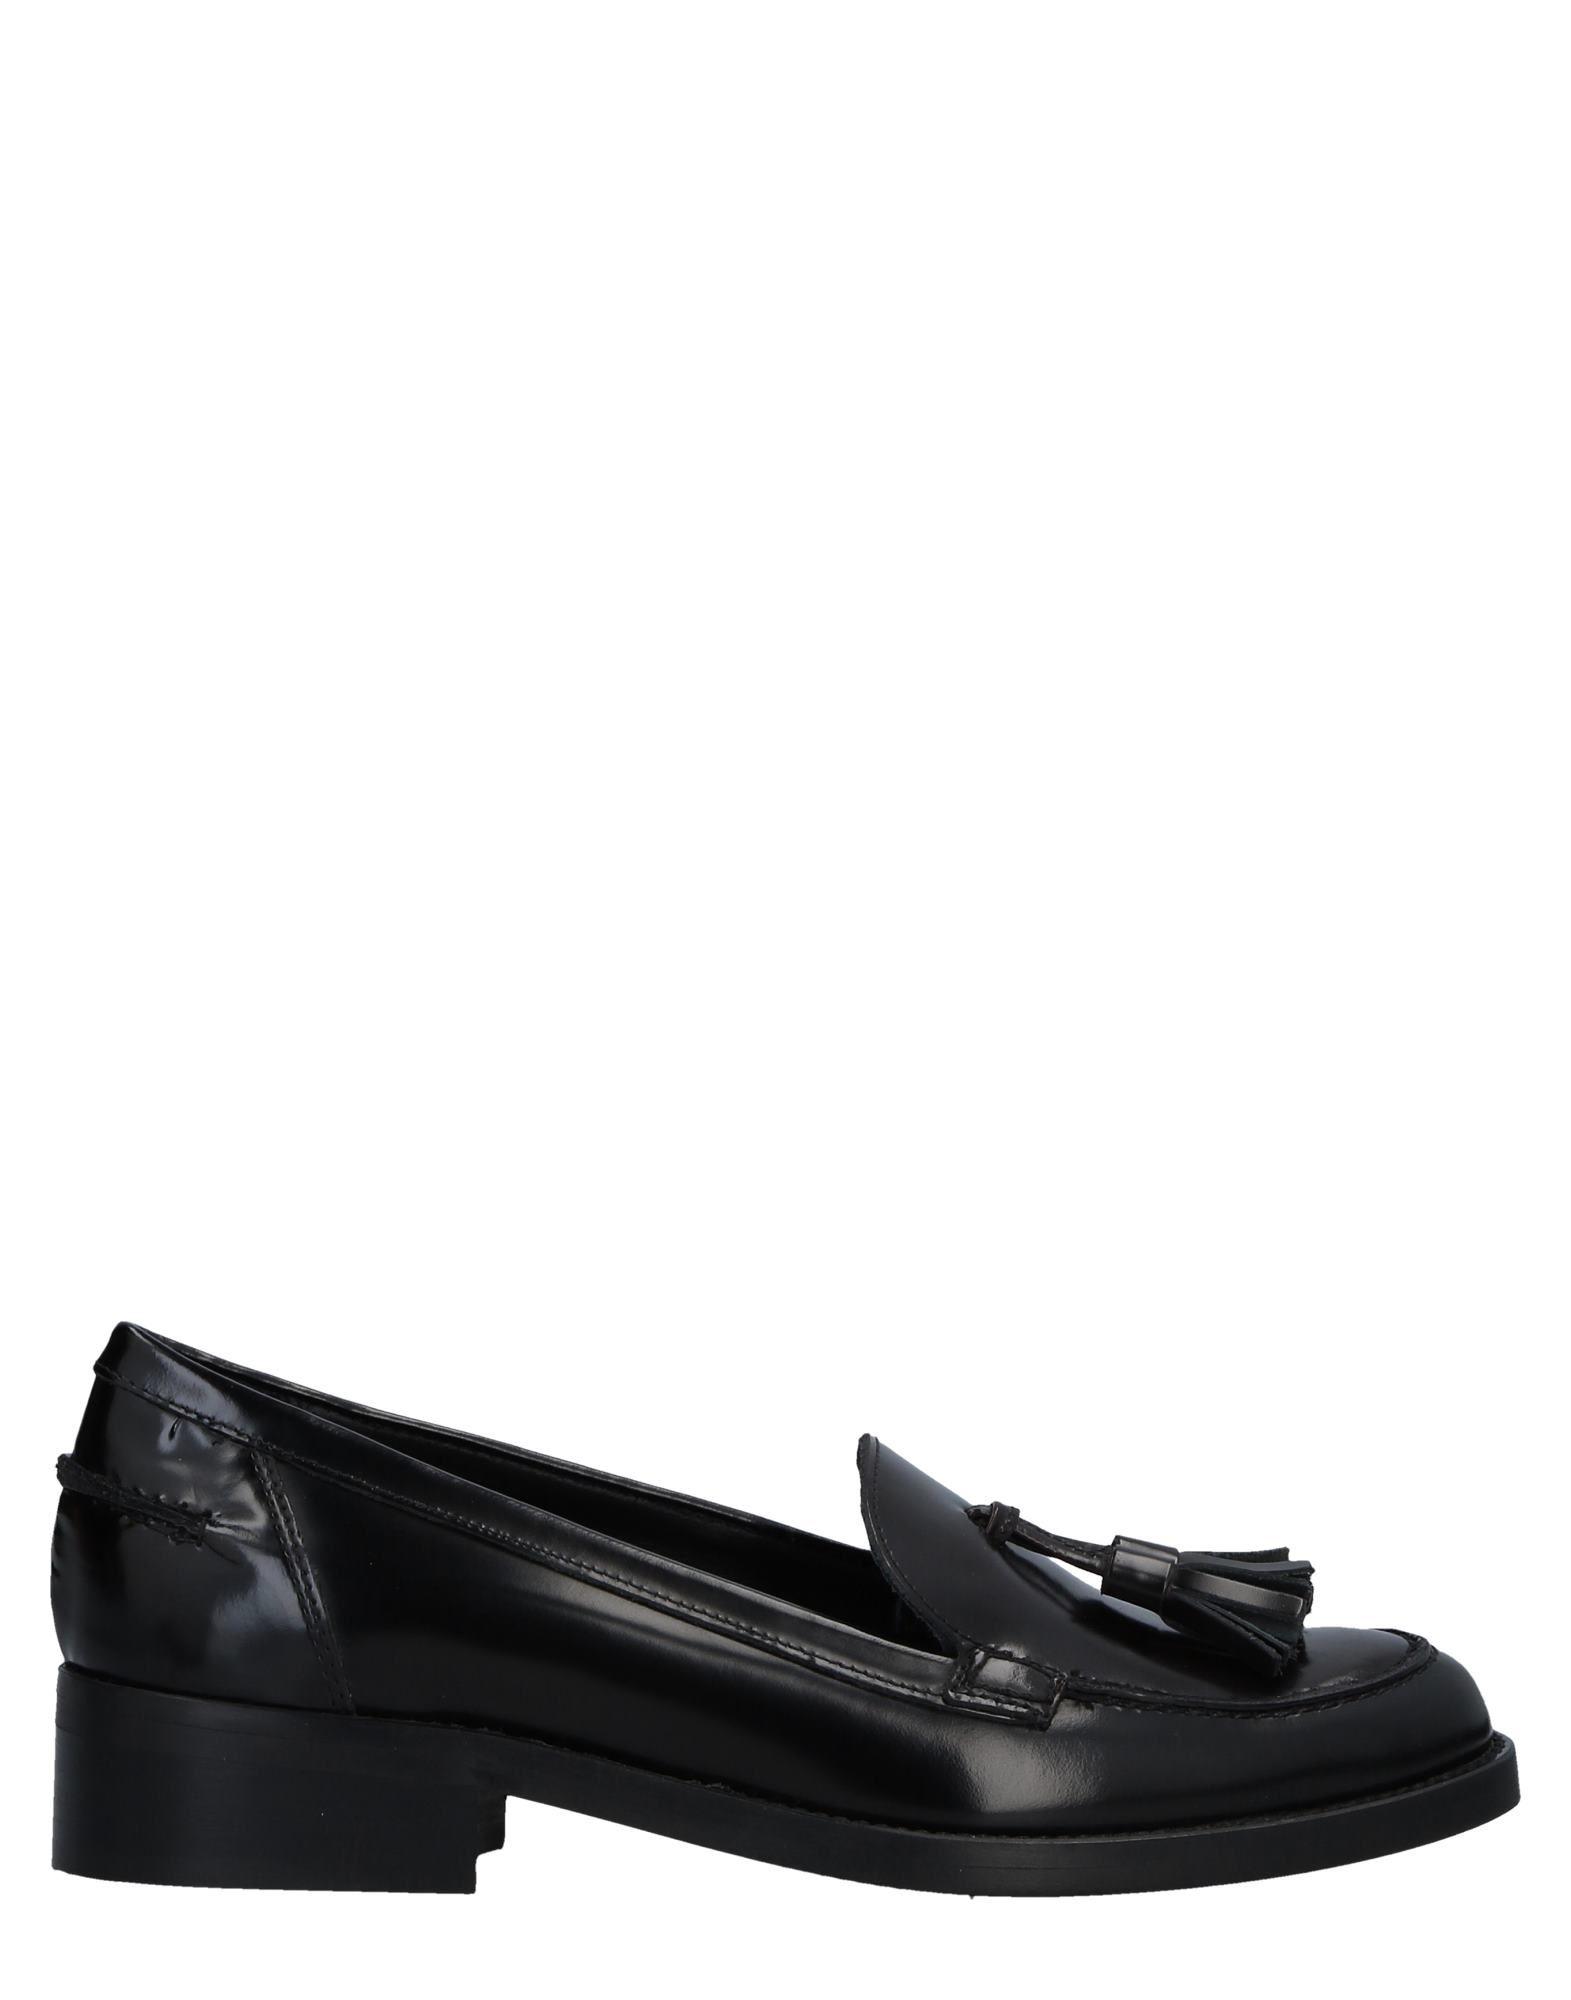 Bagatt Bagatt Bagatt Mokassins Damen  11513175FV Gute Qualität beliebte Schuhe 0400cc